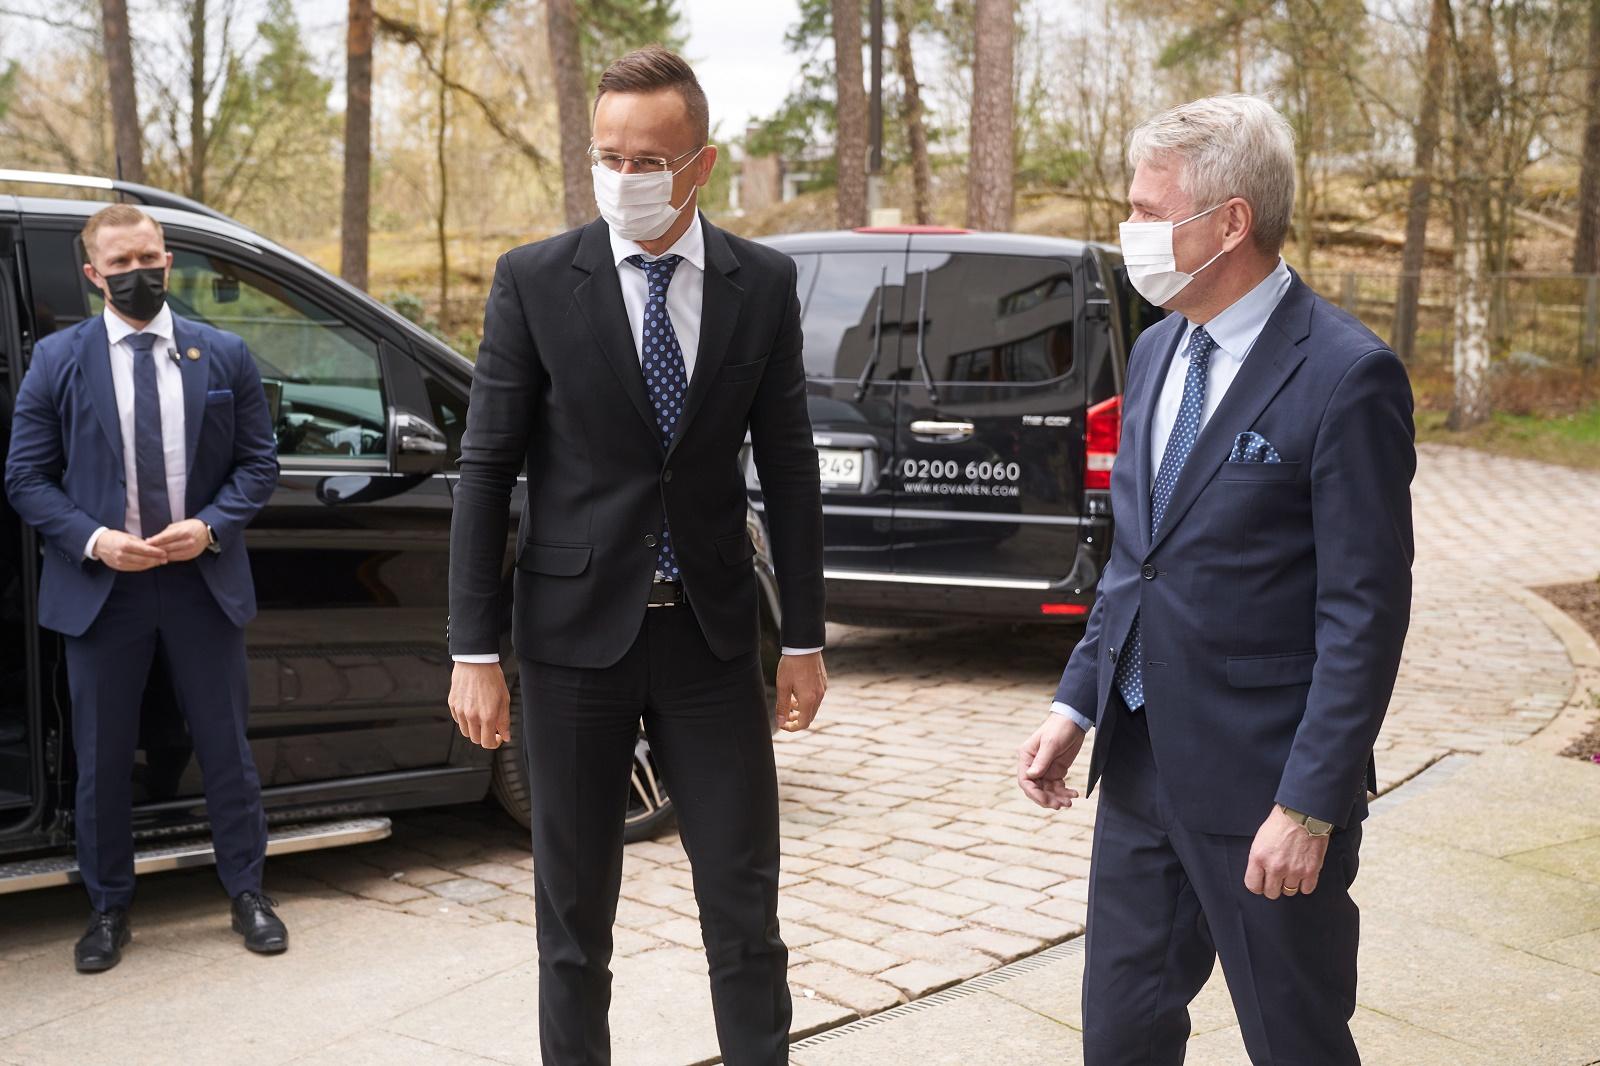 Ulkoministerit Szijjártón ja Haavisto saapumassa tervehtimään toisiaan Helsingissä.